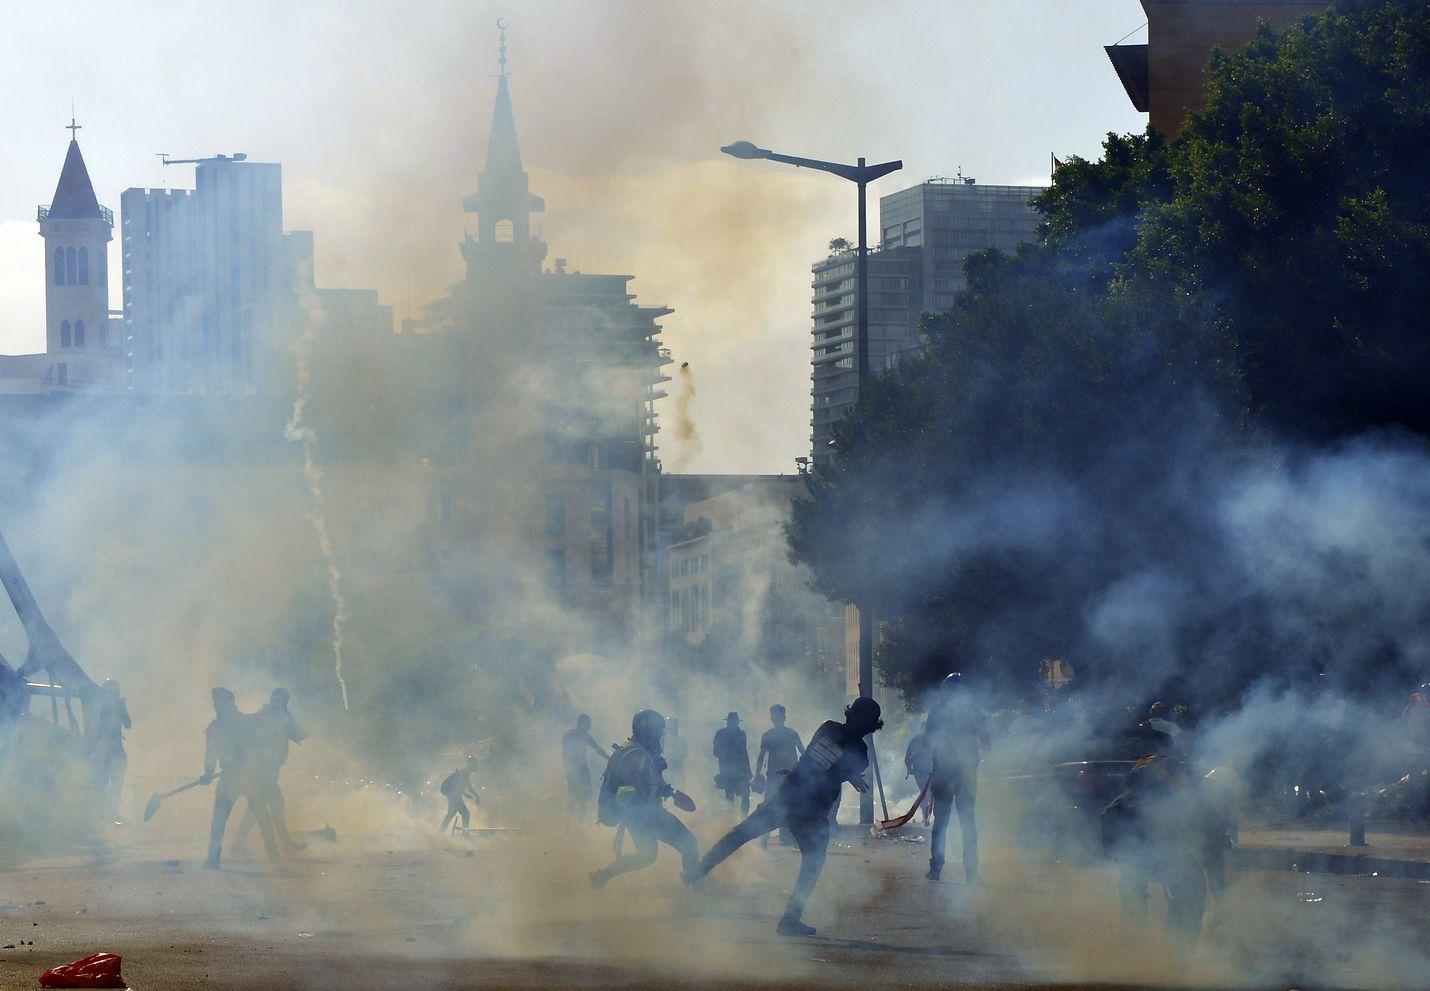 Libanonin pääkaupungissa Beirutissa mielenosoitukset ovat taas kiihtyneet. Kuva on lauantailta.